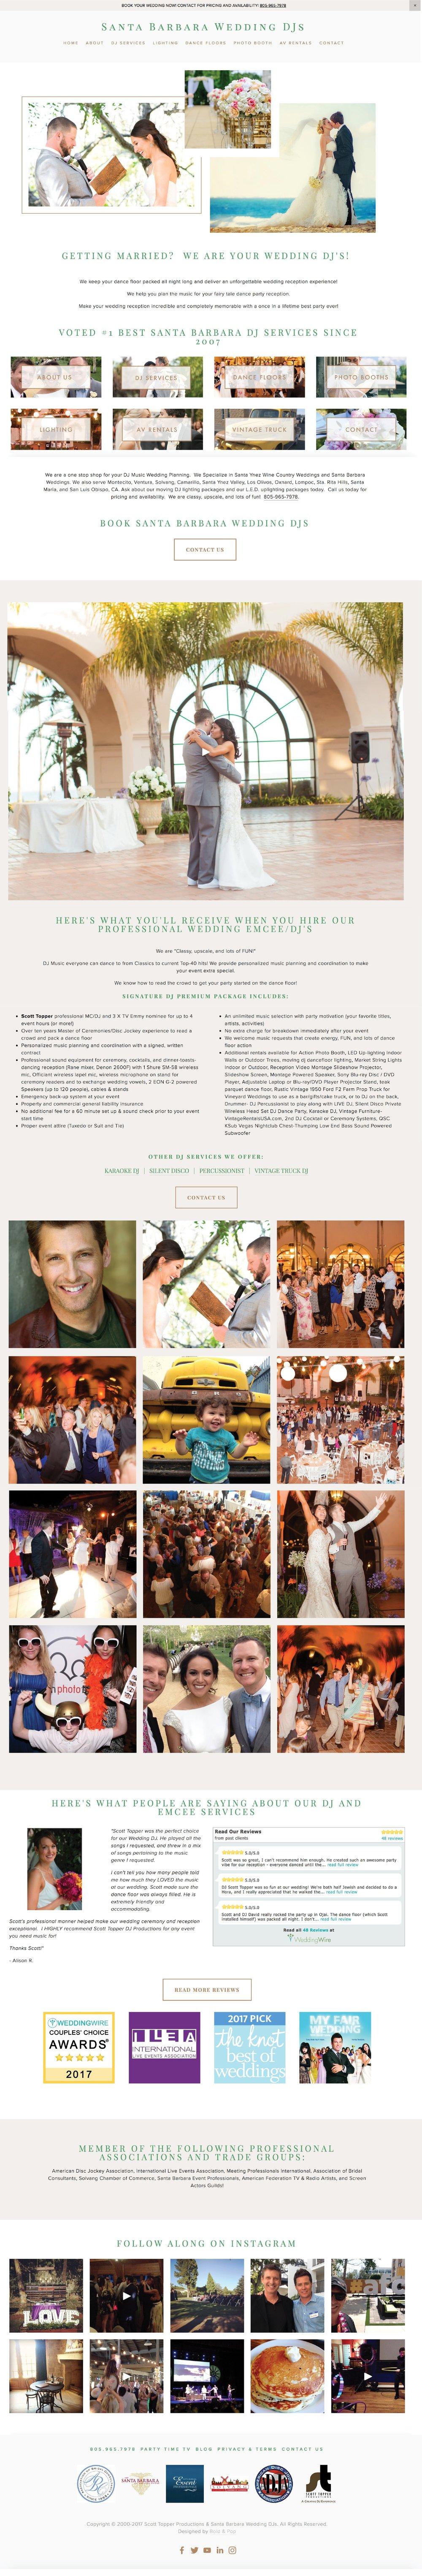 Wedding DJs Website Design